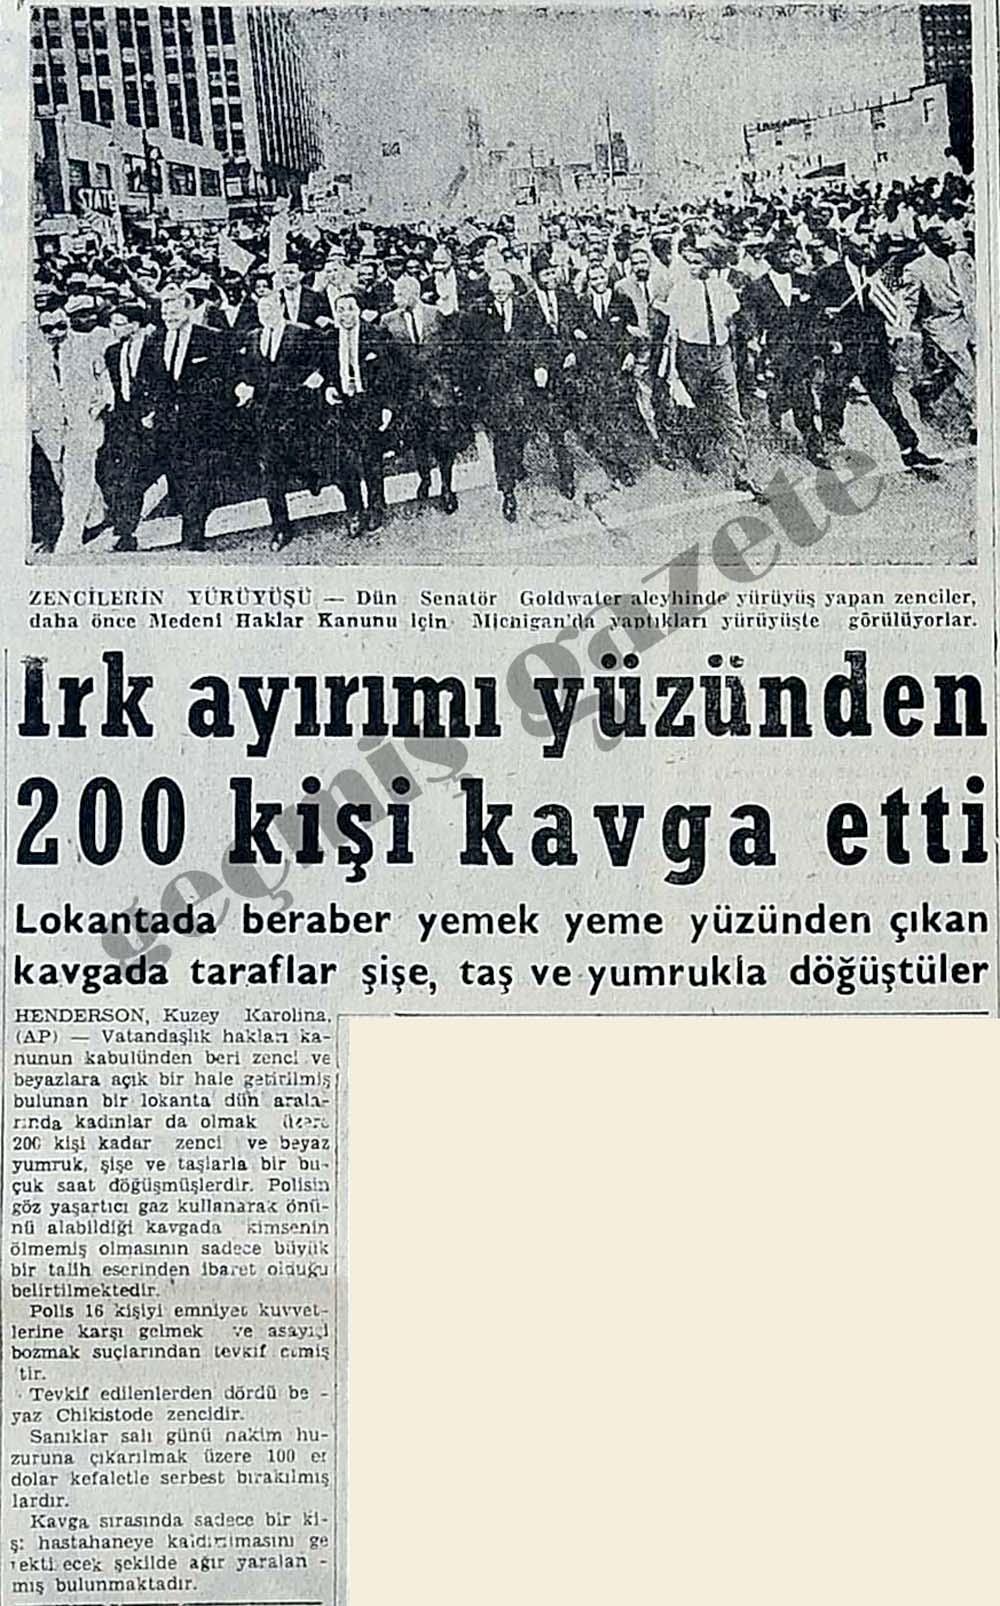 Irk ayrımı yüzünden 200 kişi kavga etti